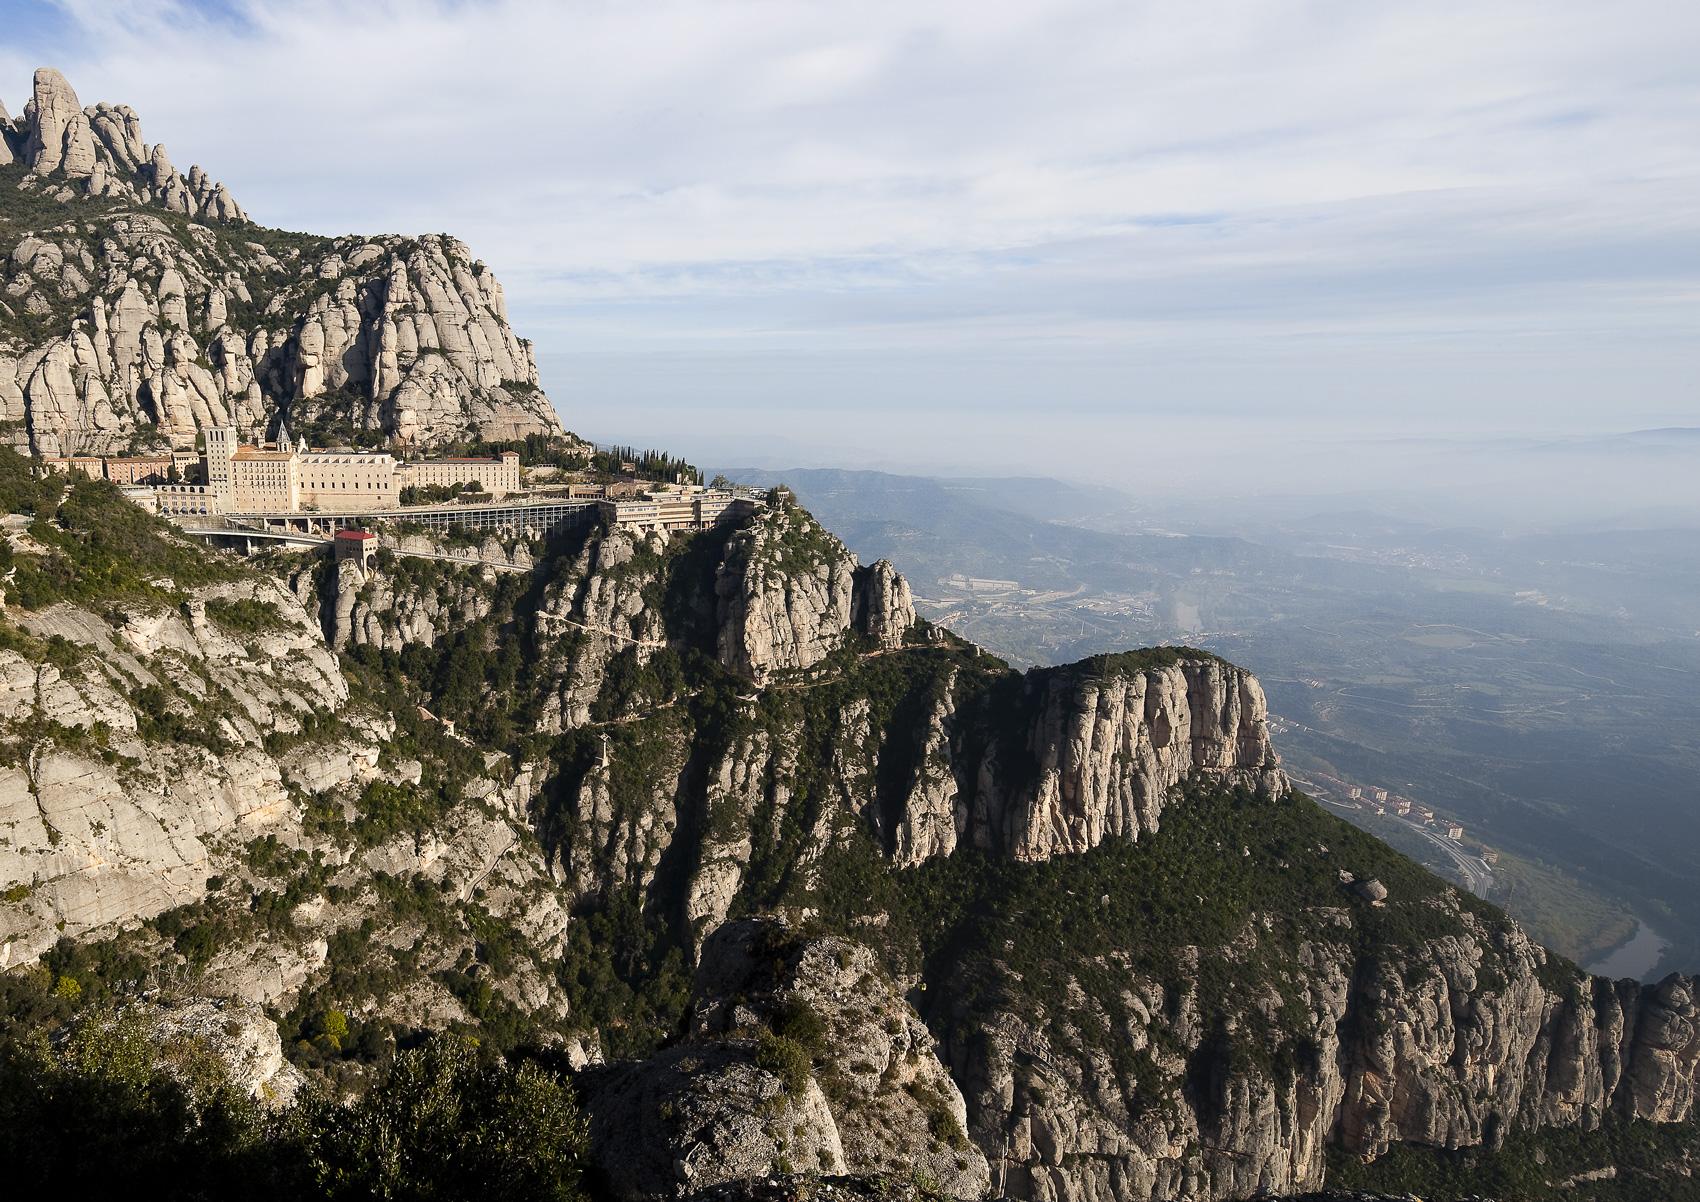 Monastère et montagne de Montserrat © Juan José Pascual